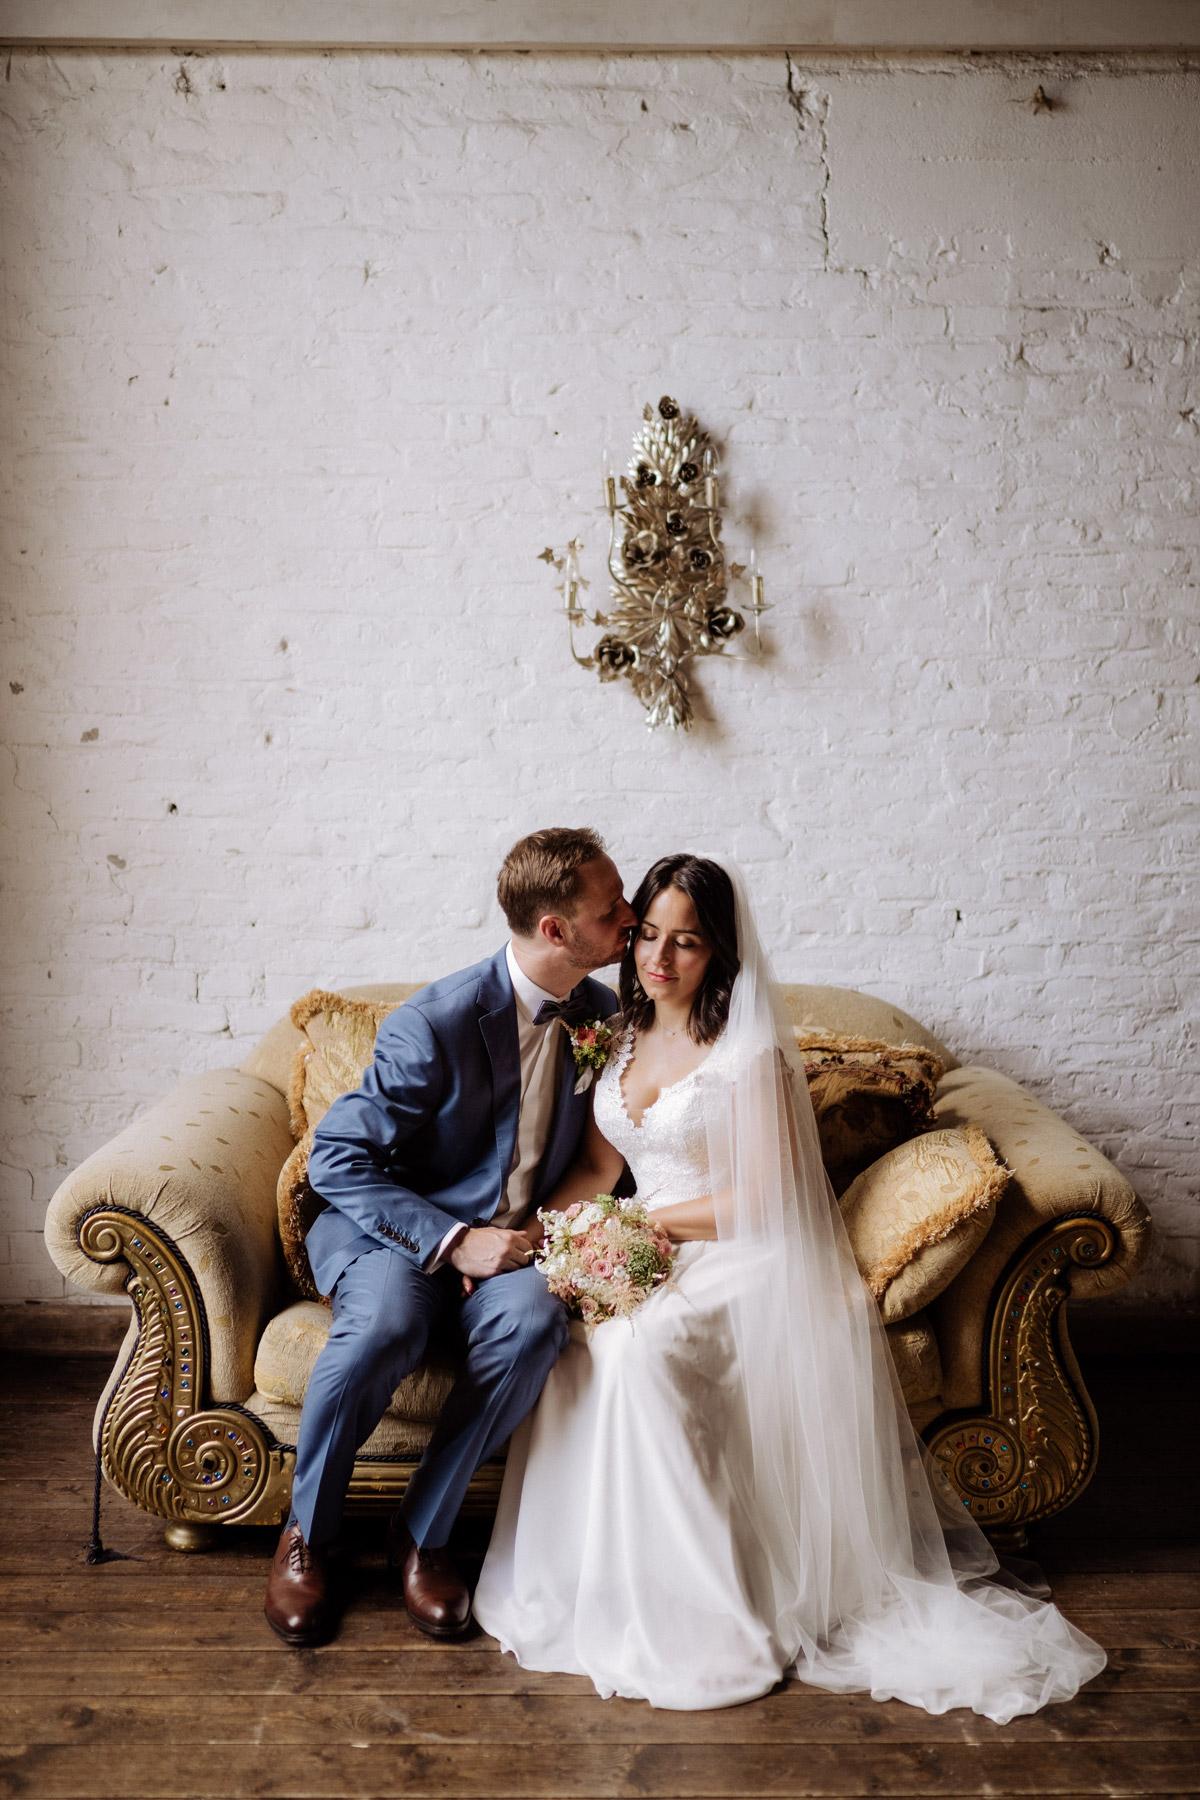 Hochzeitsfoto Idee und Tipp: Sitzt im Hochzeitsshooting für entspannte Posen und Gesichter. Eine Bank oder so wie hier eine stylische Couch sind ideal. Im Blog von #hochzeitslicht mehr #hochzeitstipps von Hochzeitsfotografen aus Berlin © www.hochzeitslicht.de